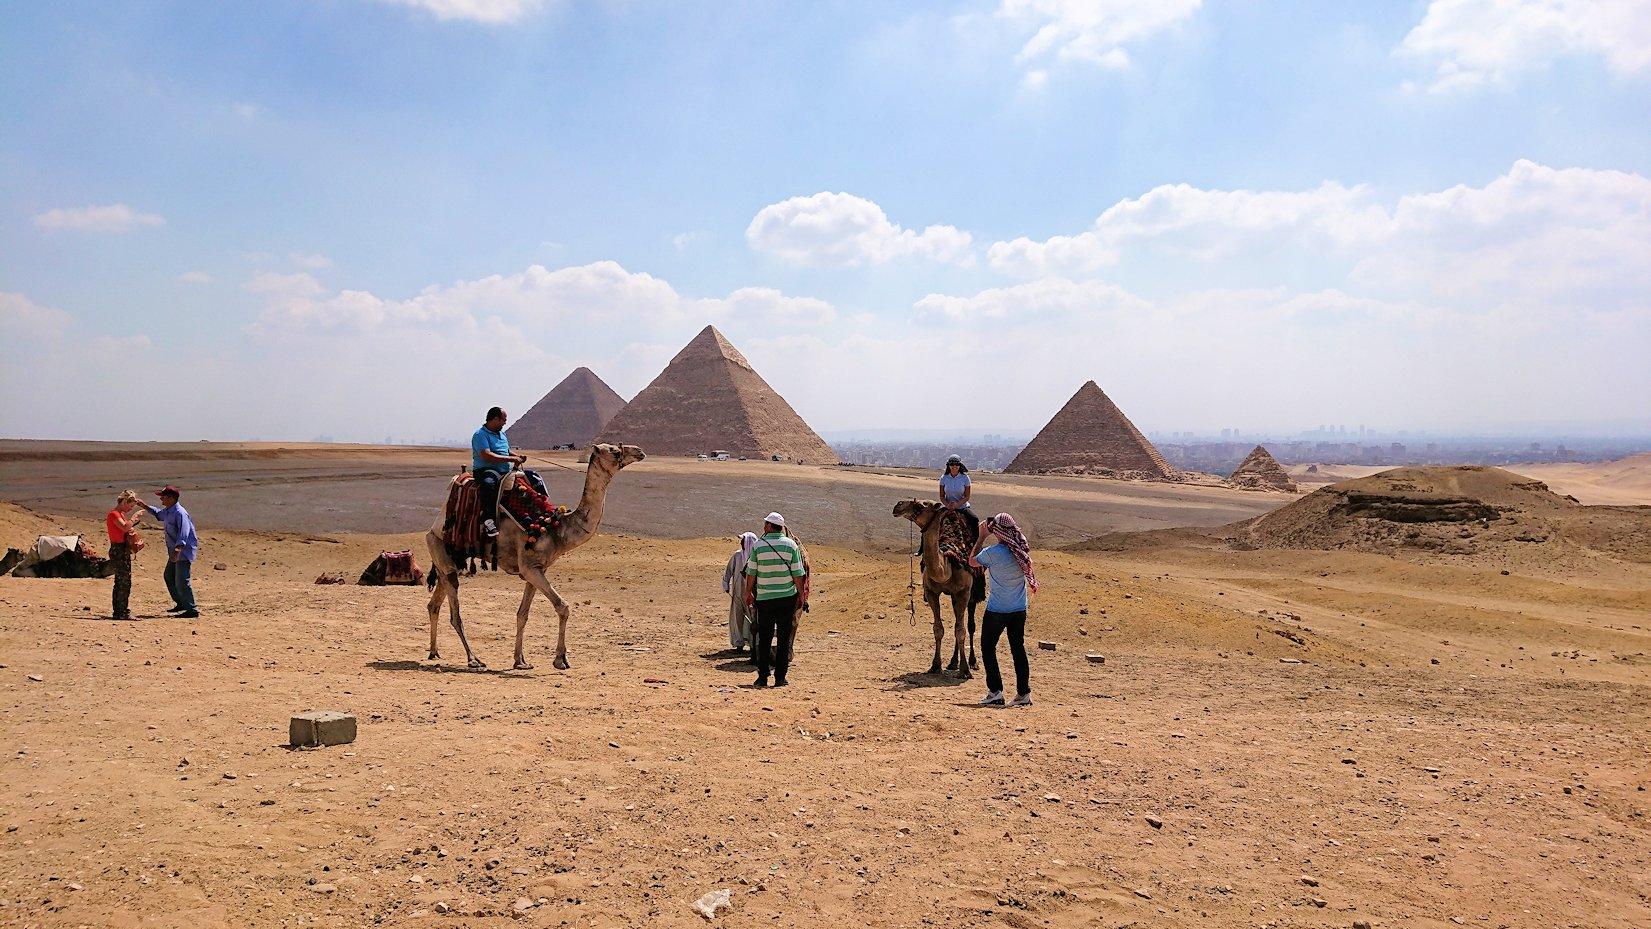 エジプト旅行 ブログ 口コミ カイロ ピラミッド ラクダ